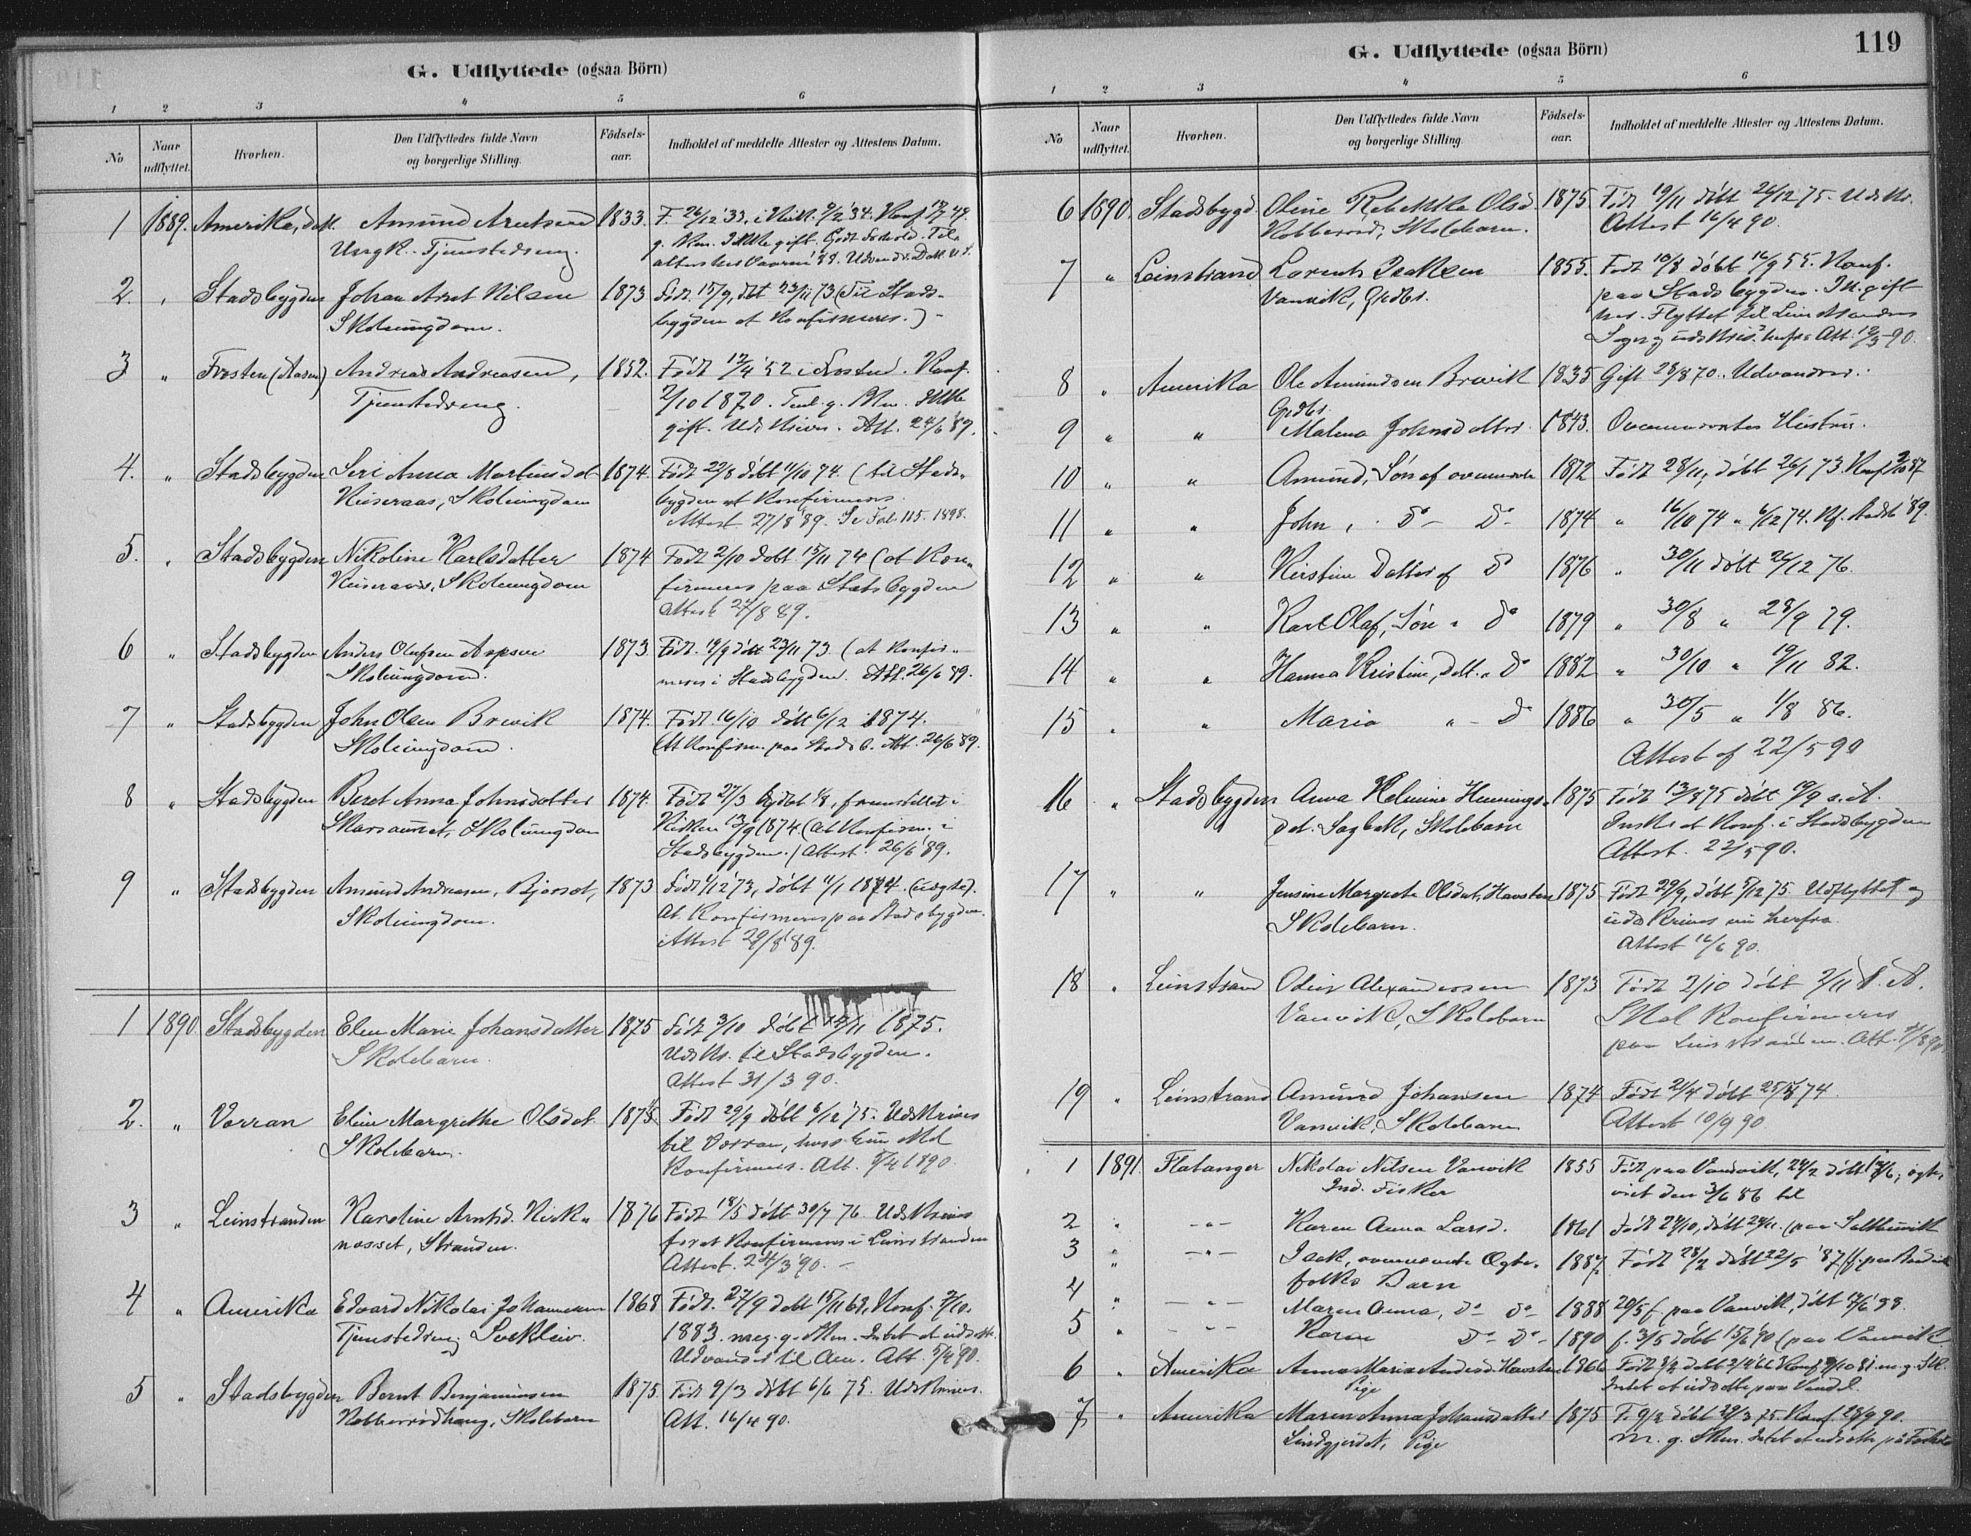 SAT, Ministerialprotokoller, klokkerbøker og fødselsregistre - Nord-Trøndelag, 702/L0023: Ministerialbok nr. 702A01, 1883-1897, s. 119